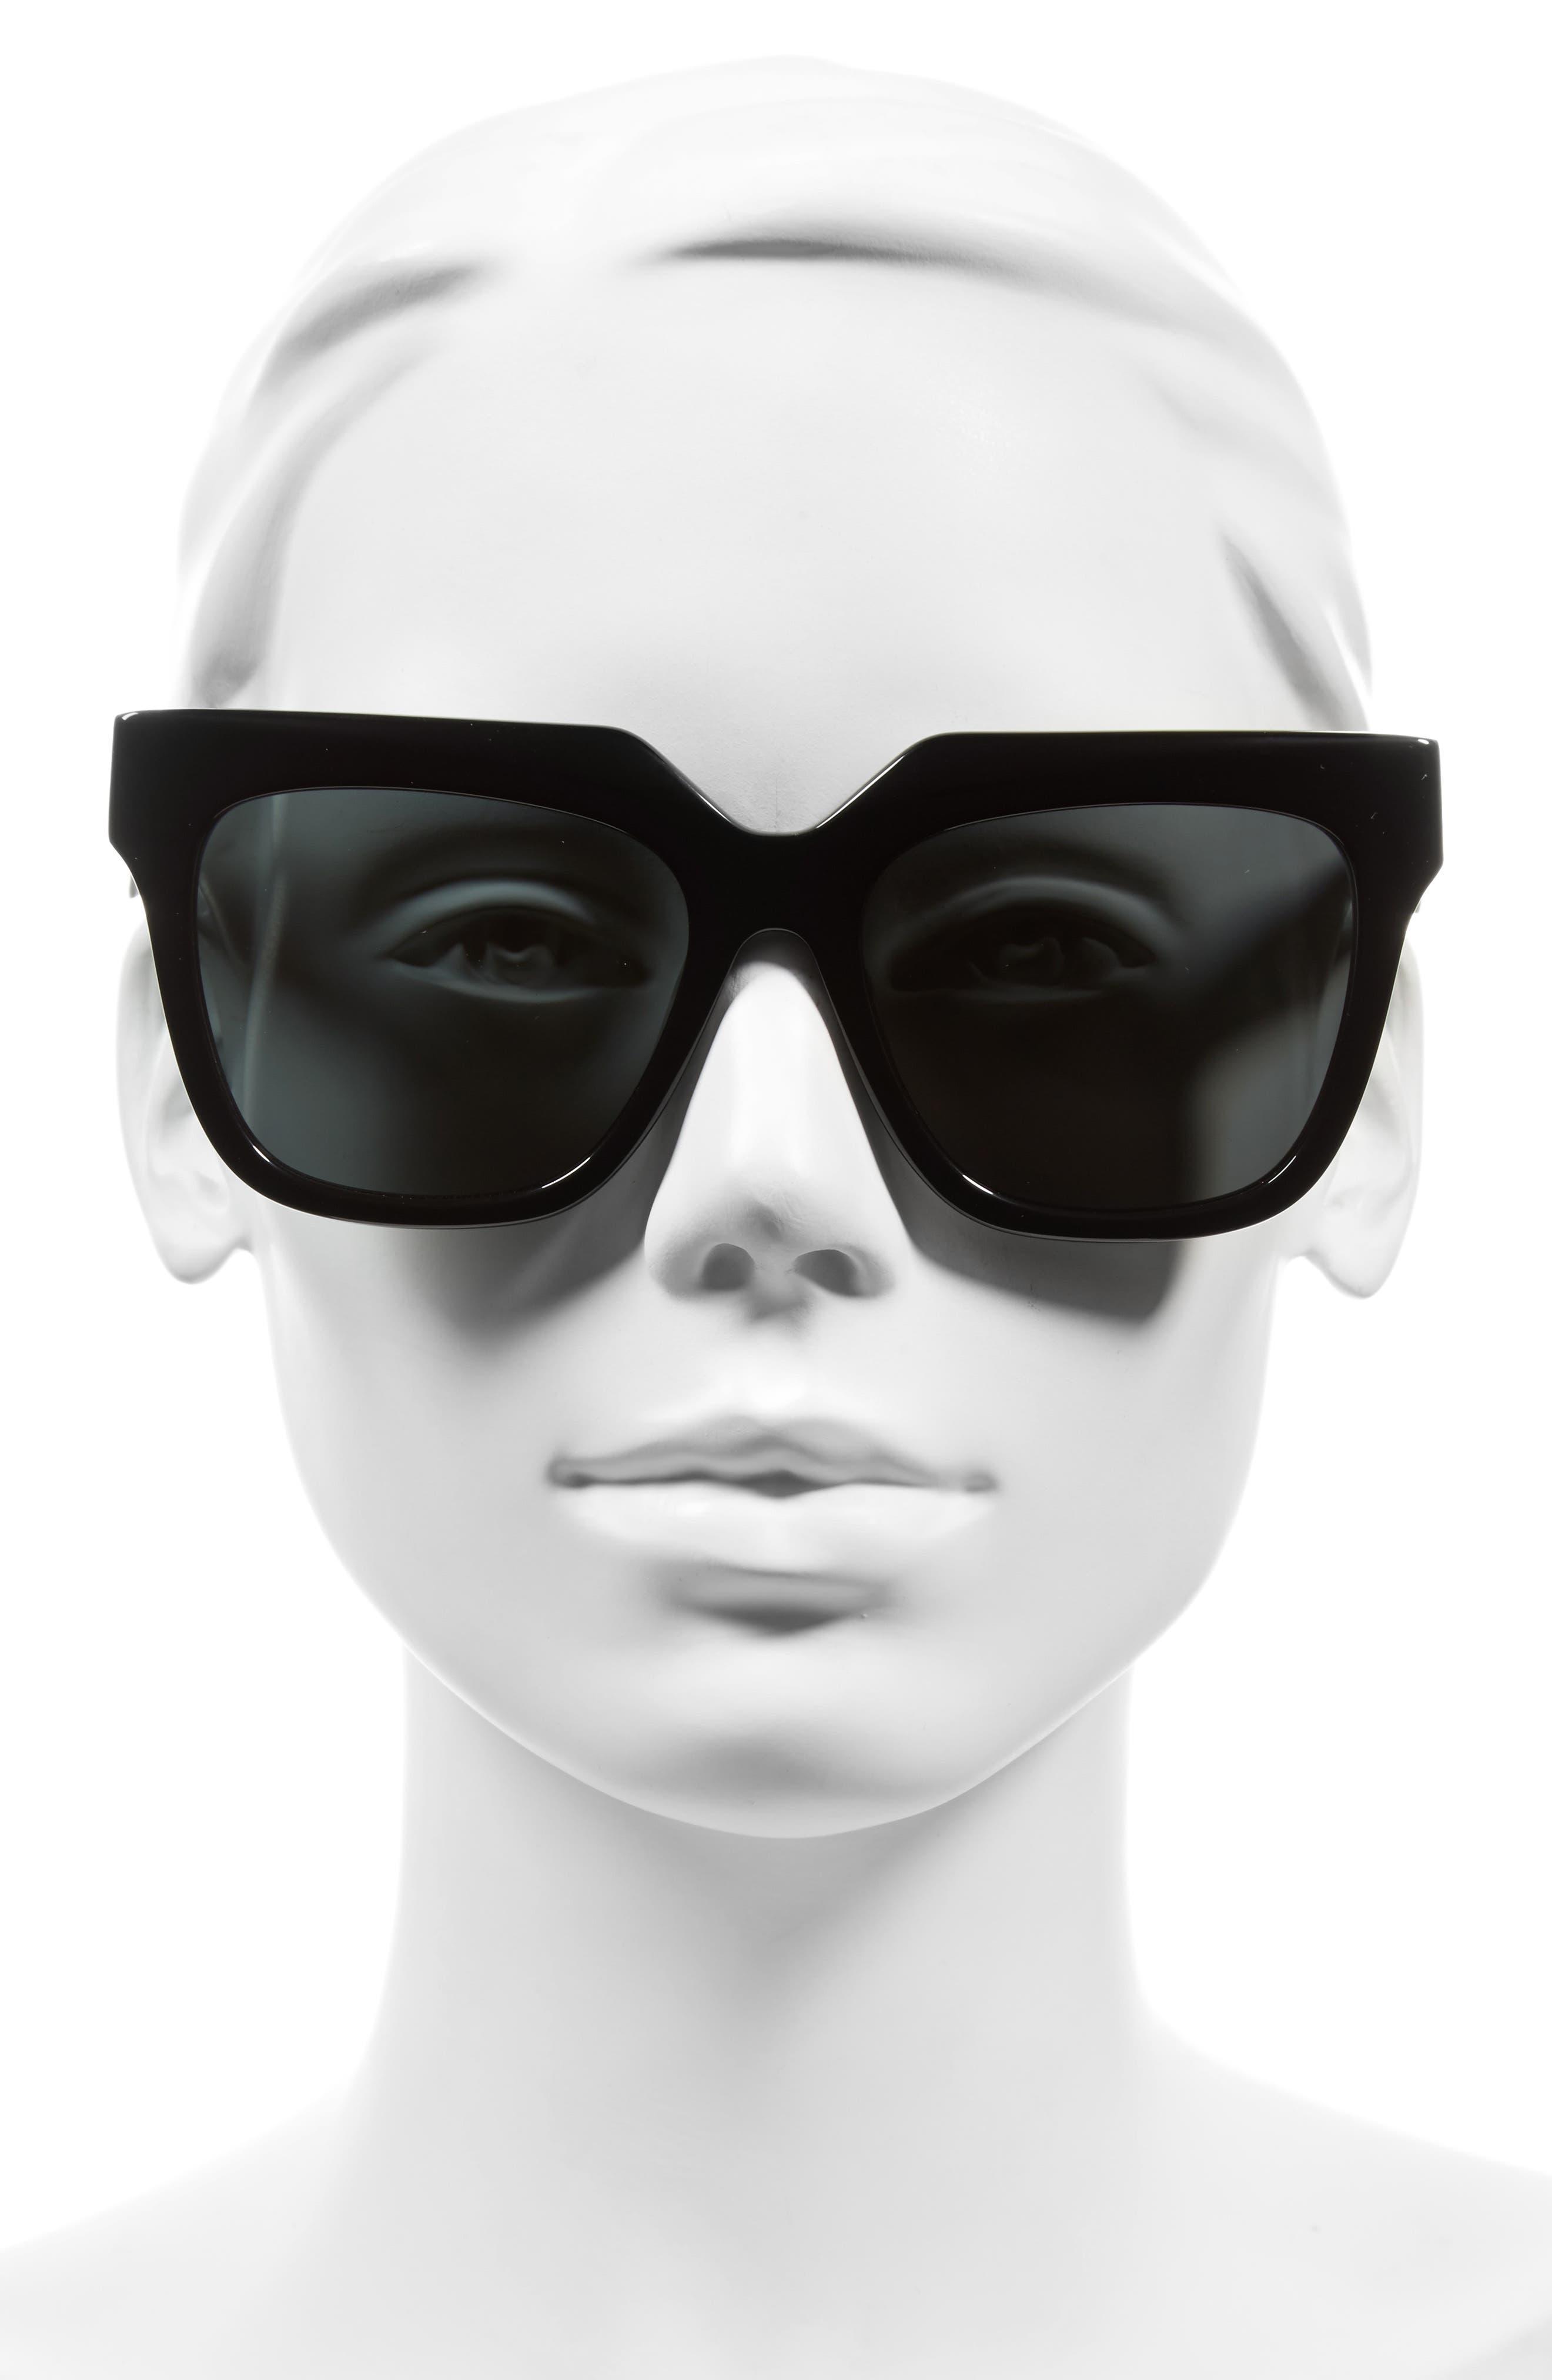 Avalon 57mm Retro Sunglasses,                             Alternate thumbnail 2, color,                             001